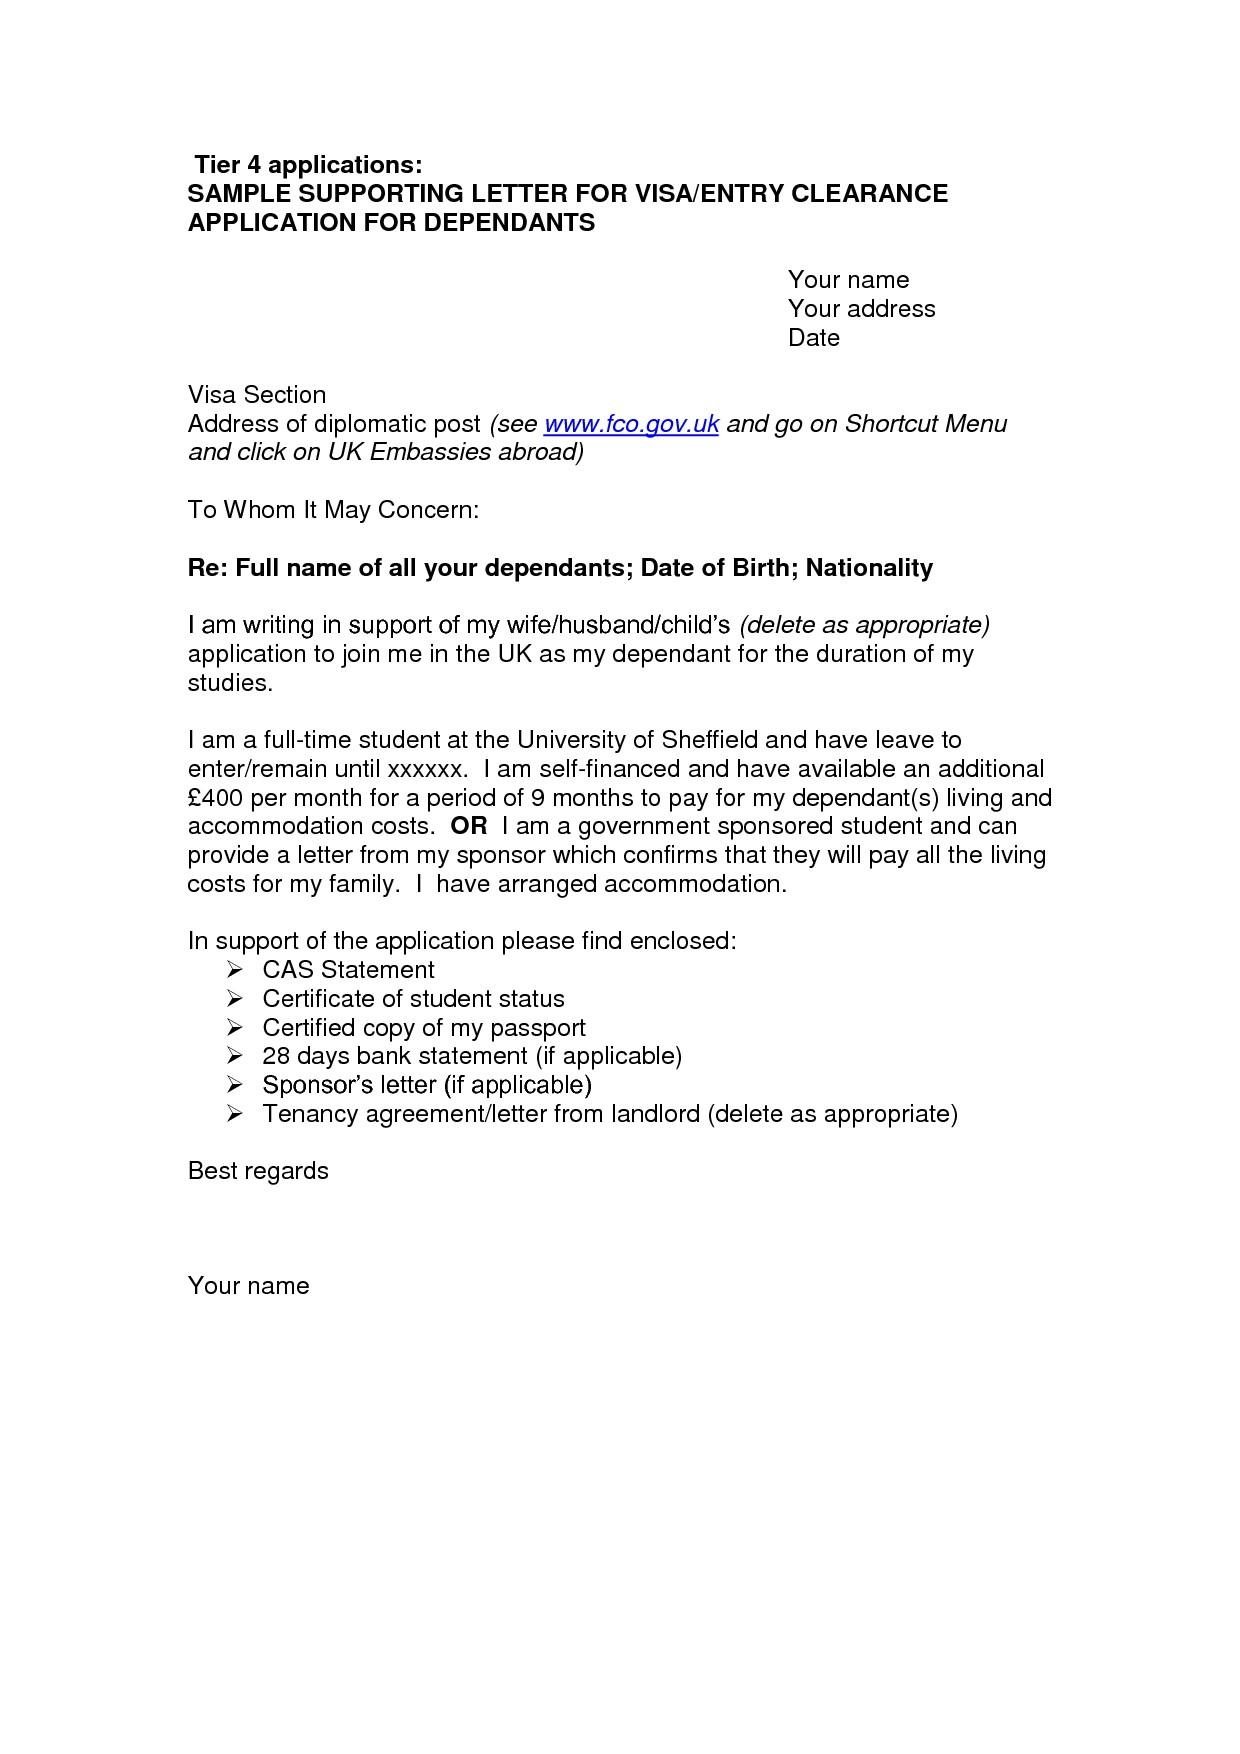 Sponsorship Cover Letter Template - Covering Letter format tourist Visa Australia New Australia Visitor